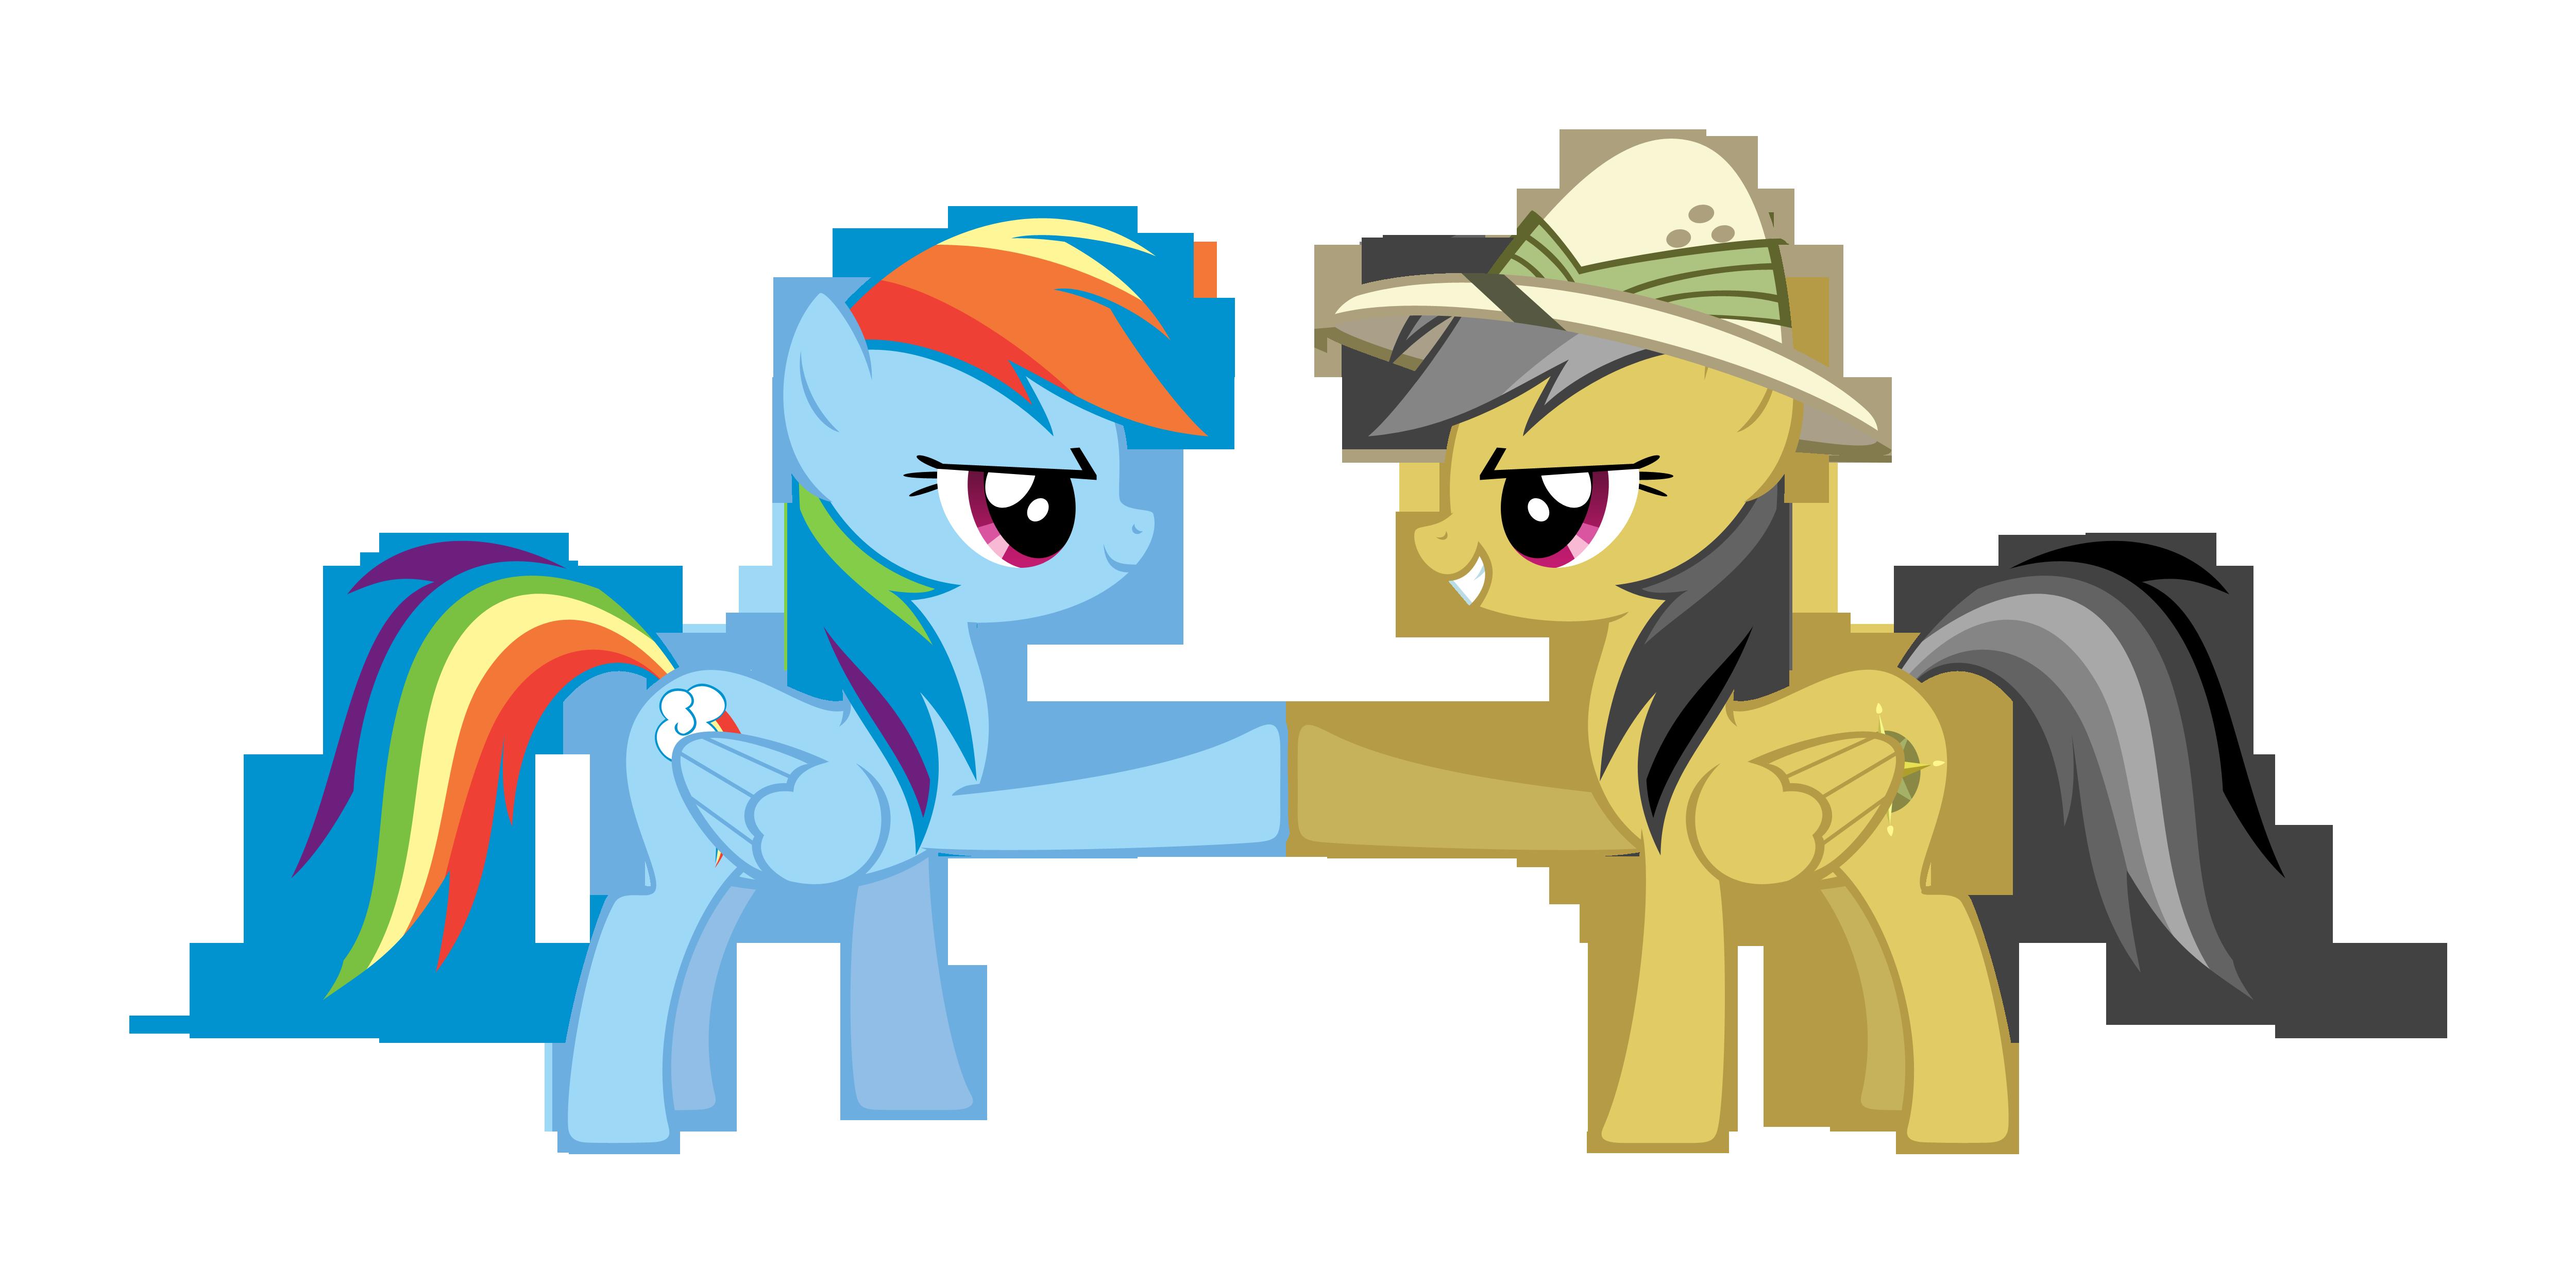 mlp wikia com/wiki/Episodes - #44287855 added by kiwitart at FJ Pony